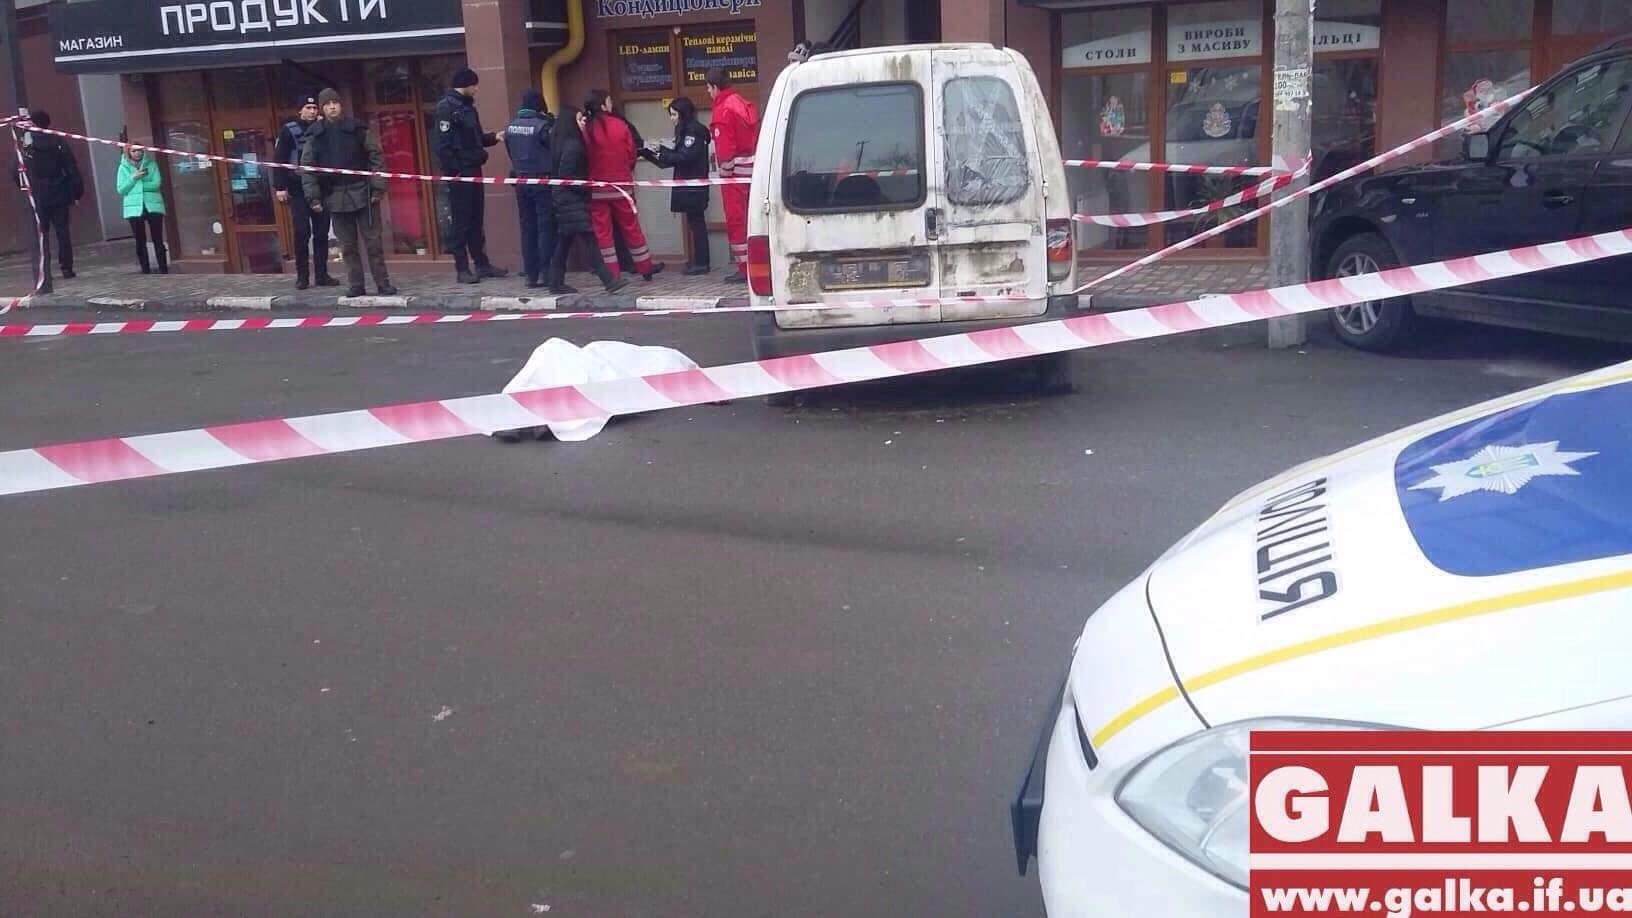 Поліція спіймала кілера, котрий взимку розстріляв чоловіка на вулиці у Франківську, – Голубош (ВІДЕО)